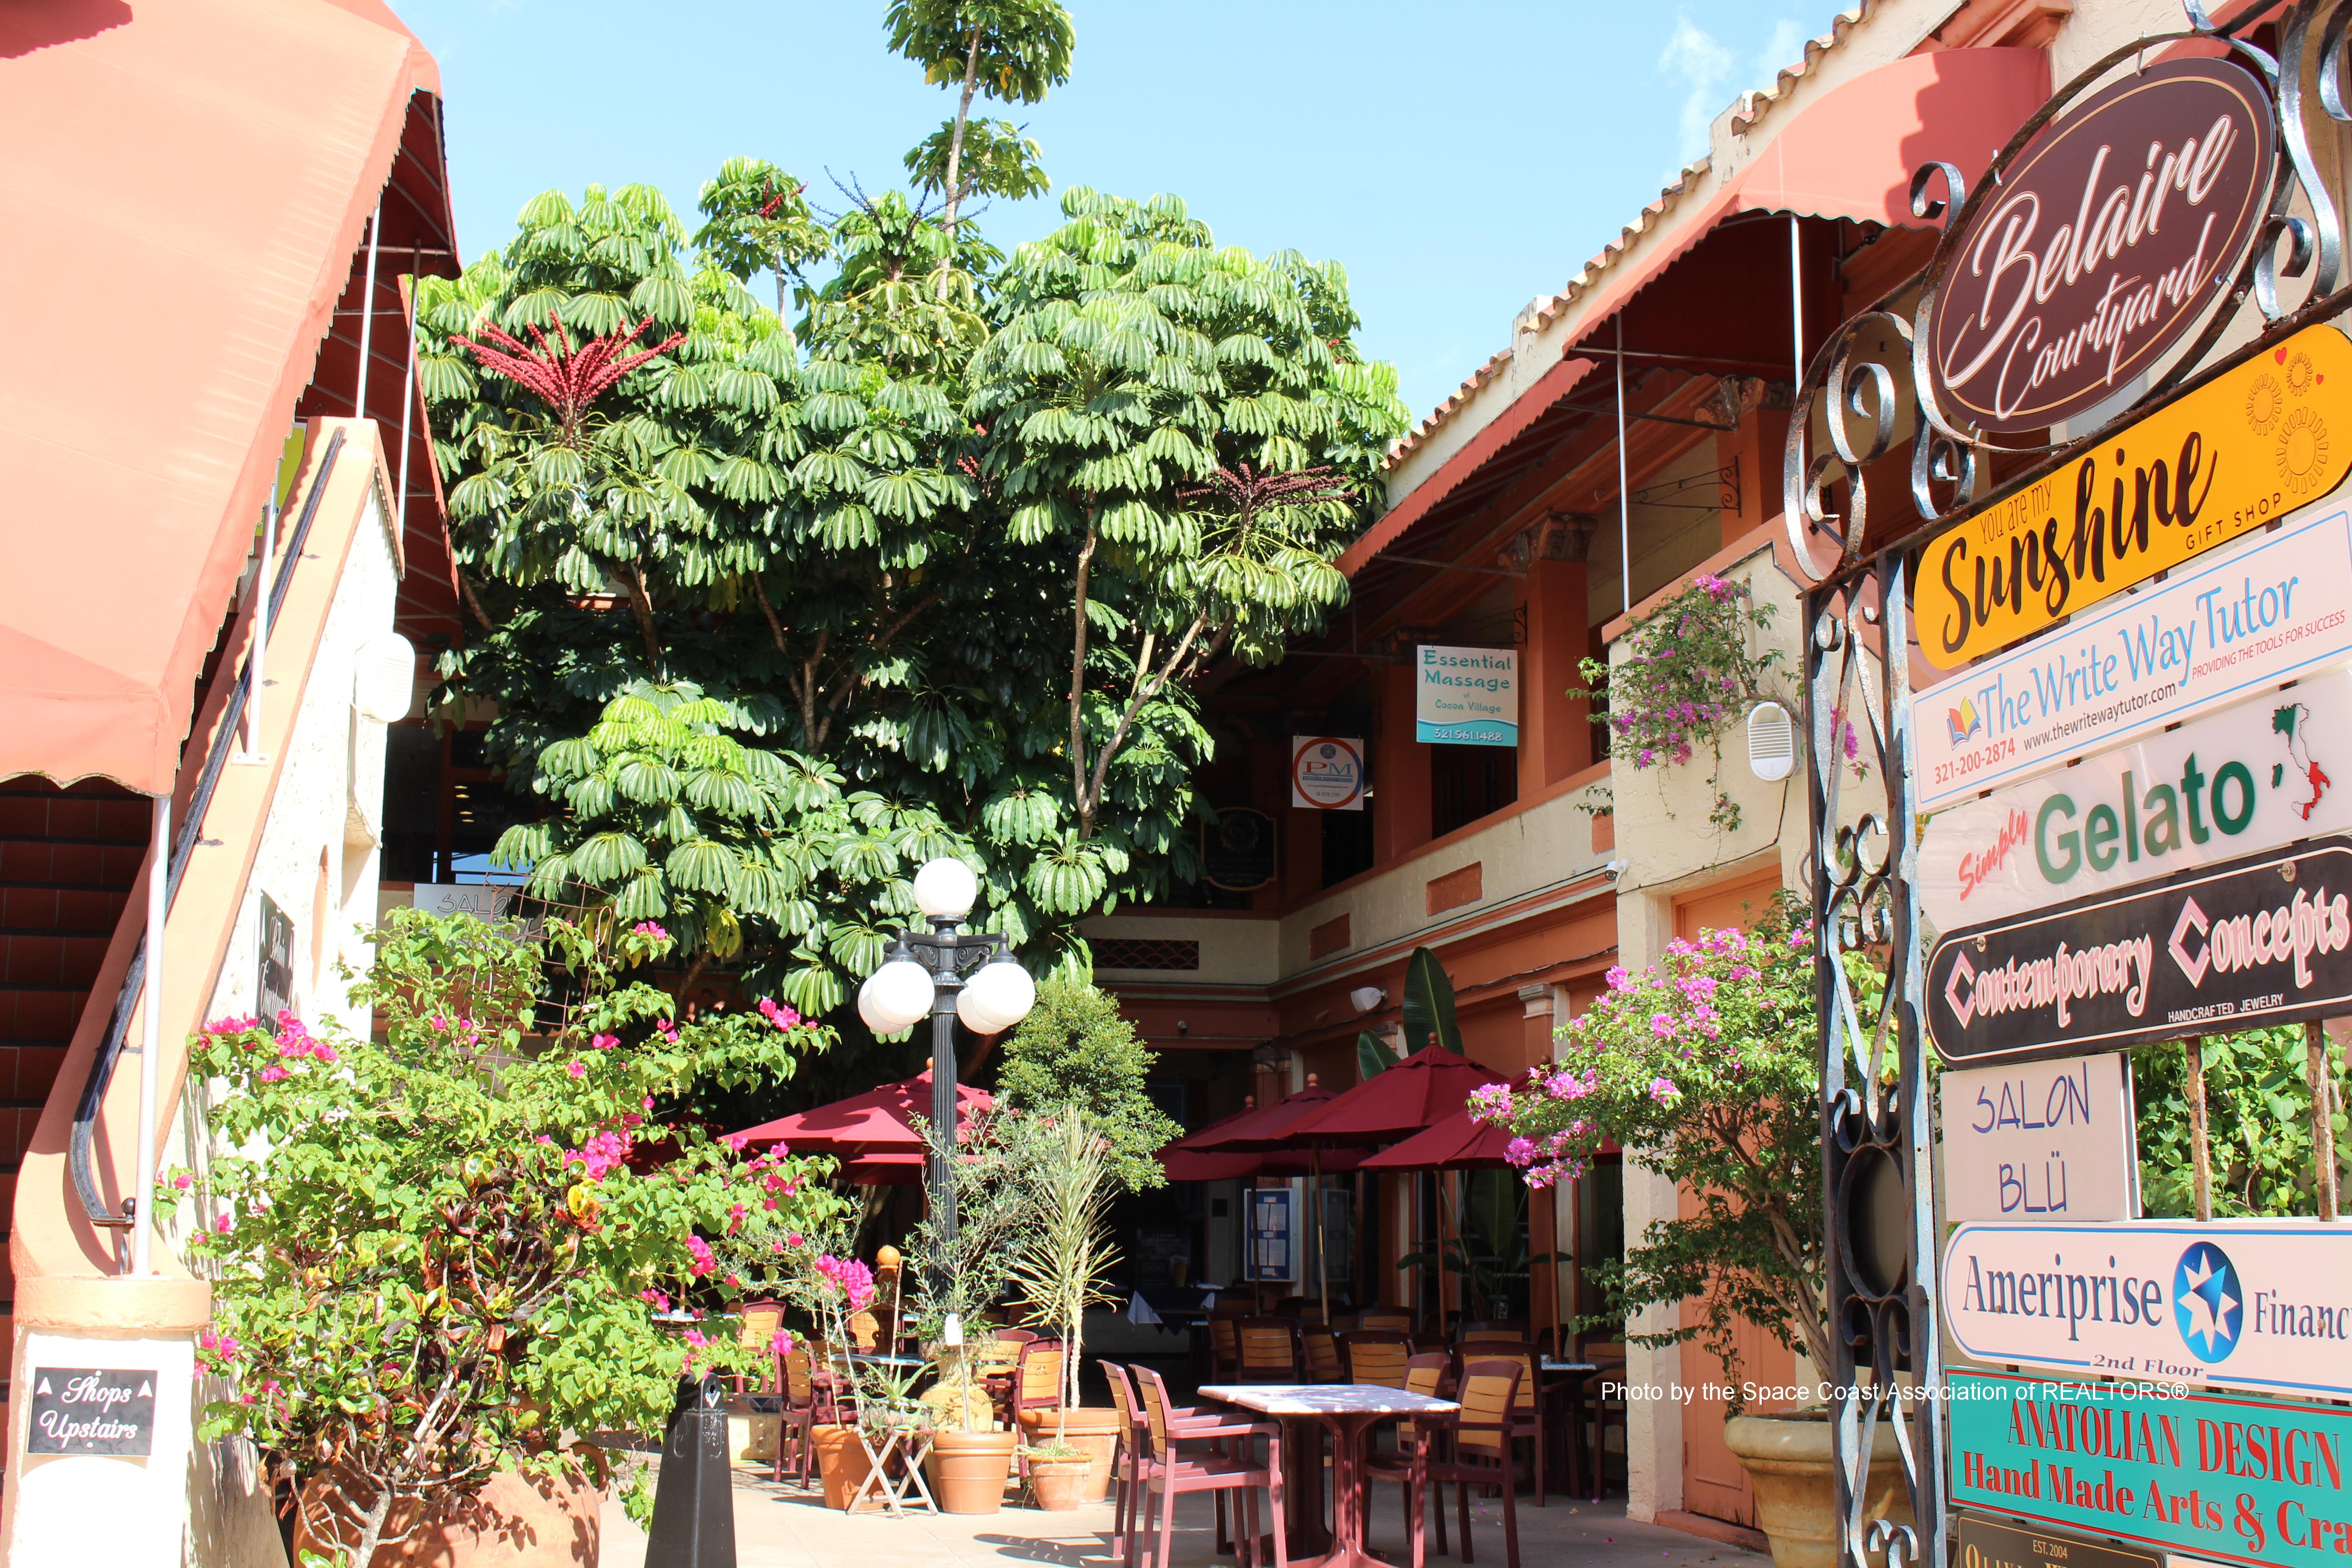 Belaire Courtyard Cocoa Village, Florida